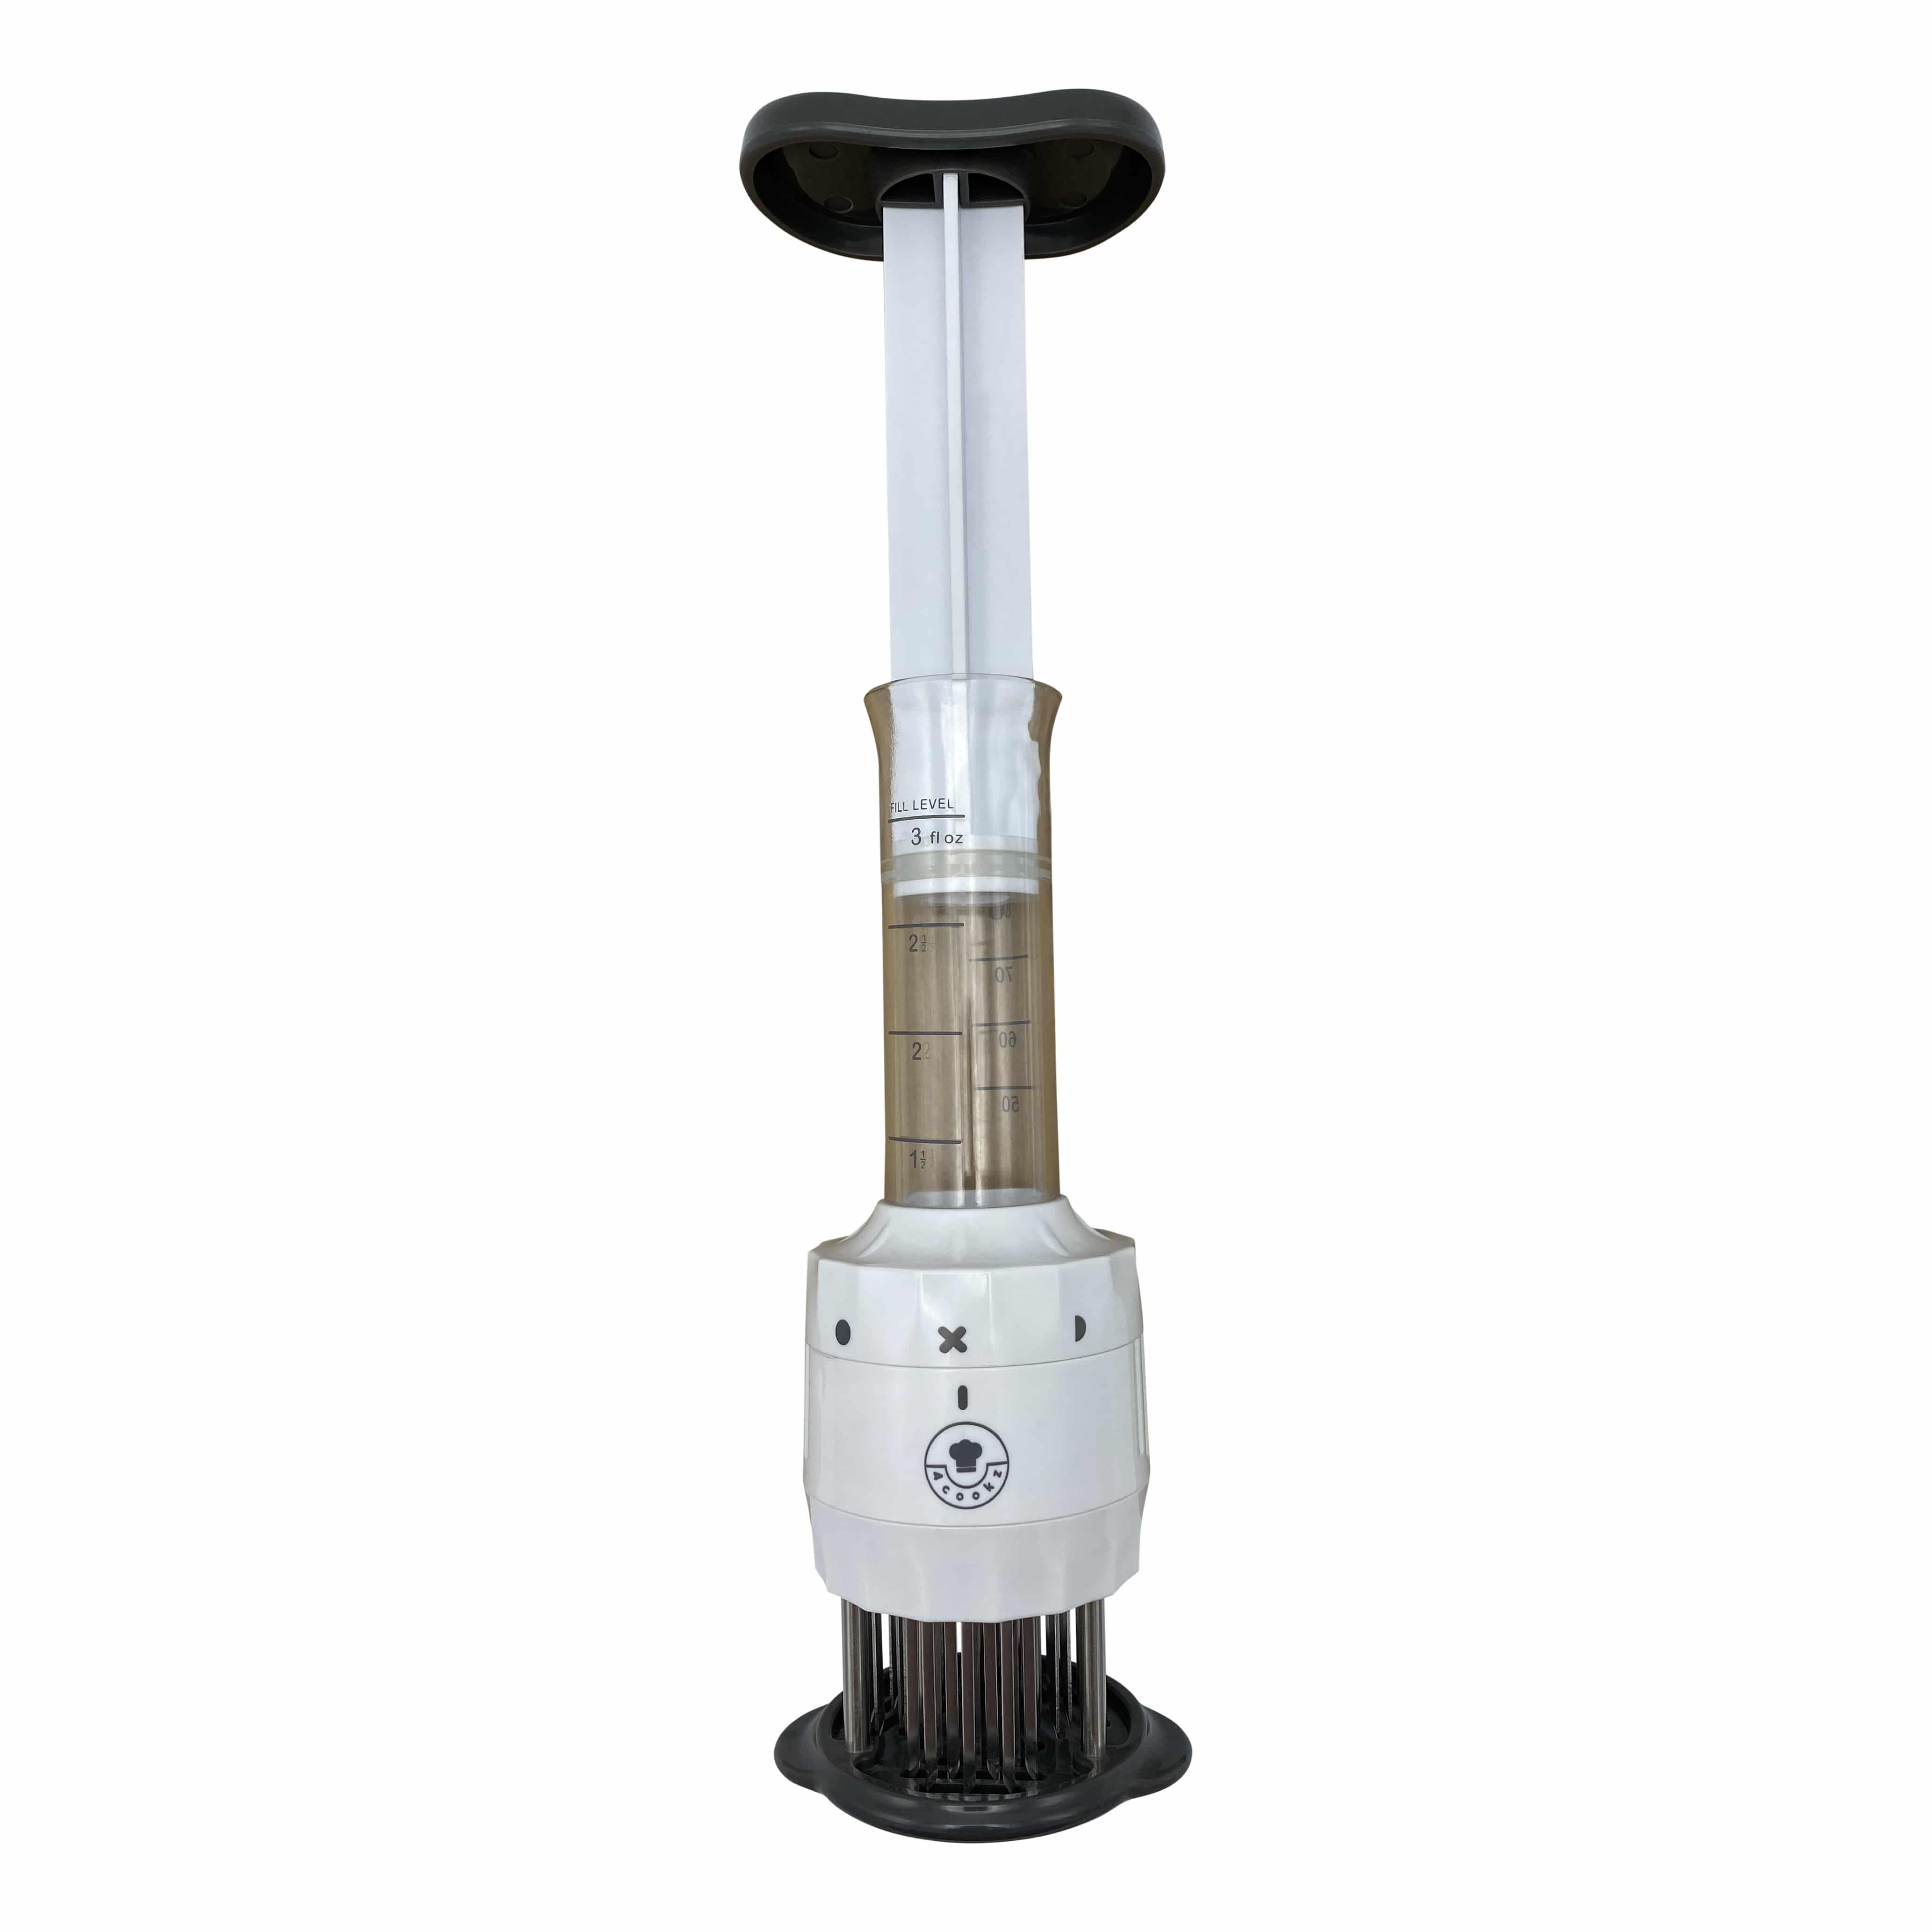 4cookz® Marinadeinjector 2-in-1 tenderizer met marinade injector